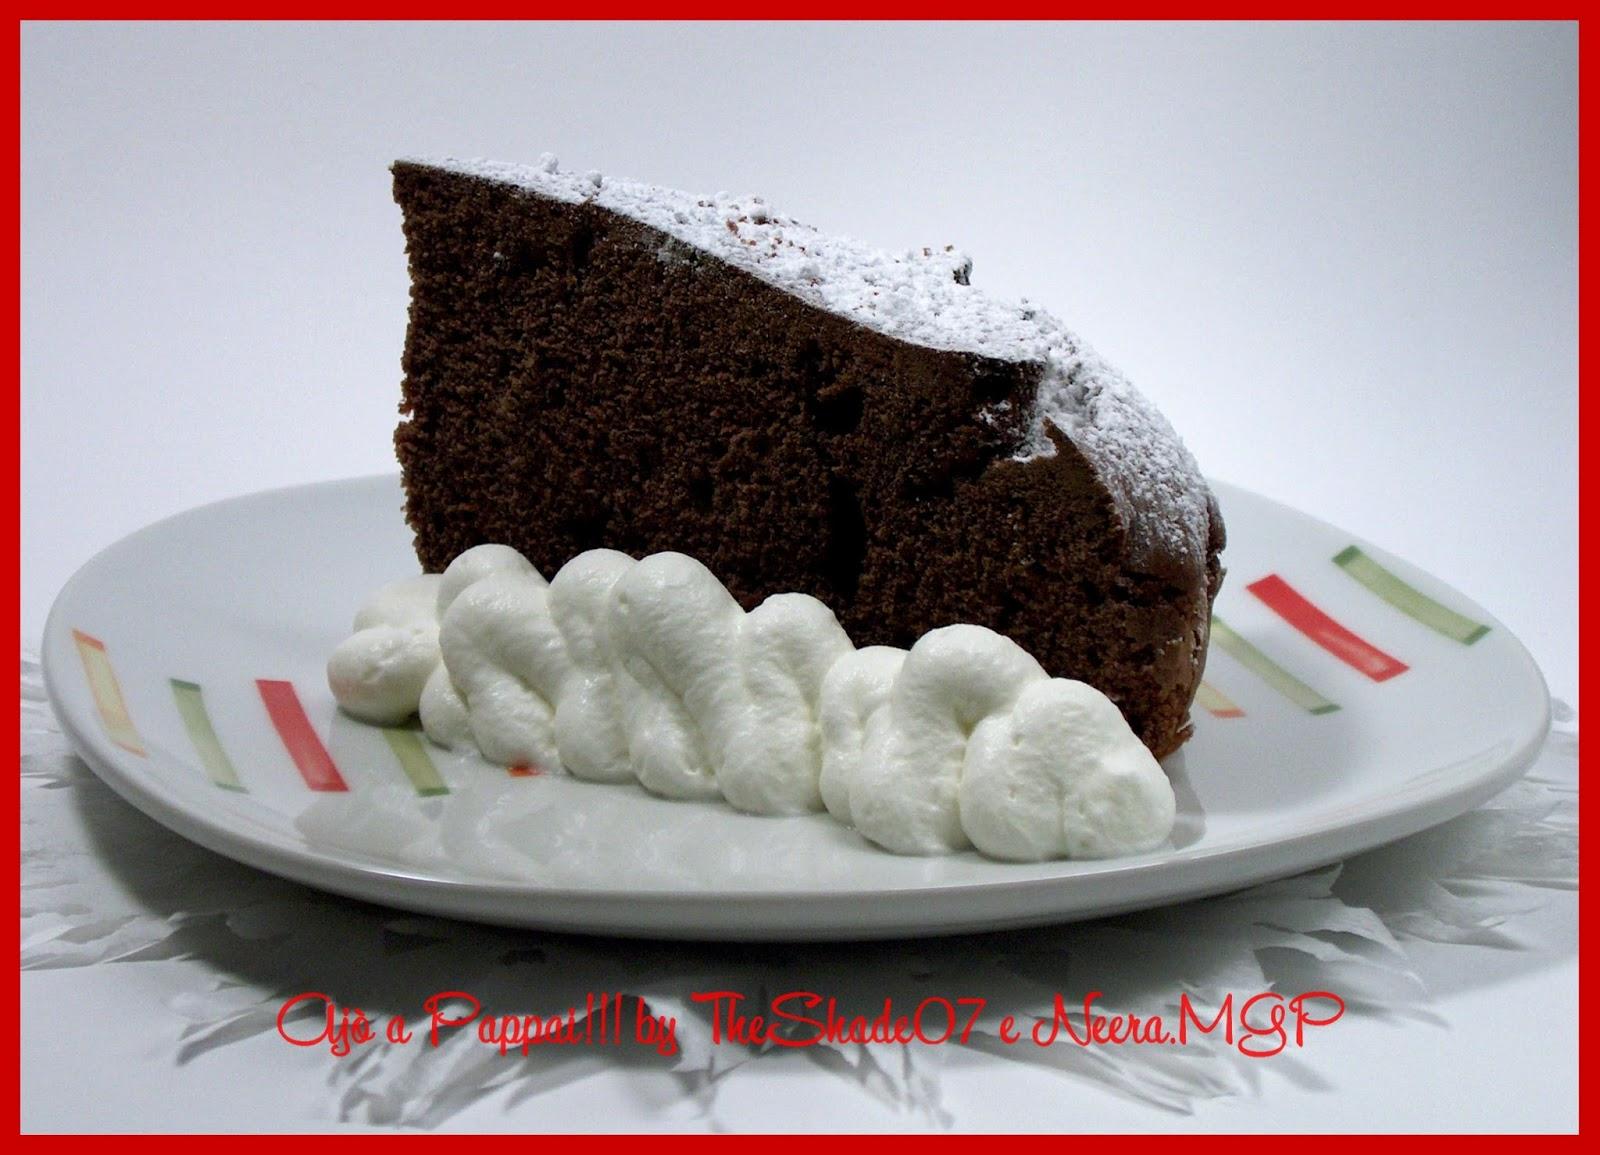 Fotografia della torta speziata chiamata Panpepato